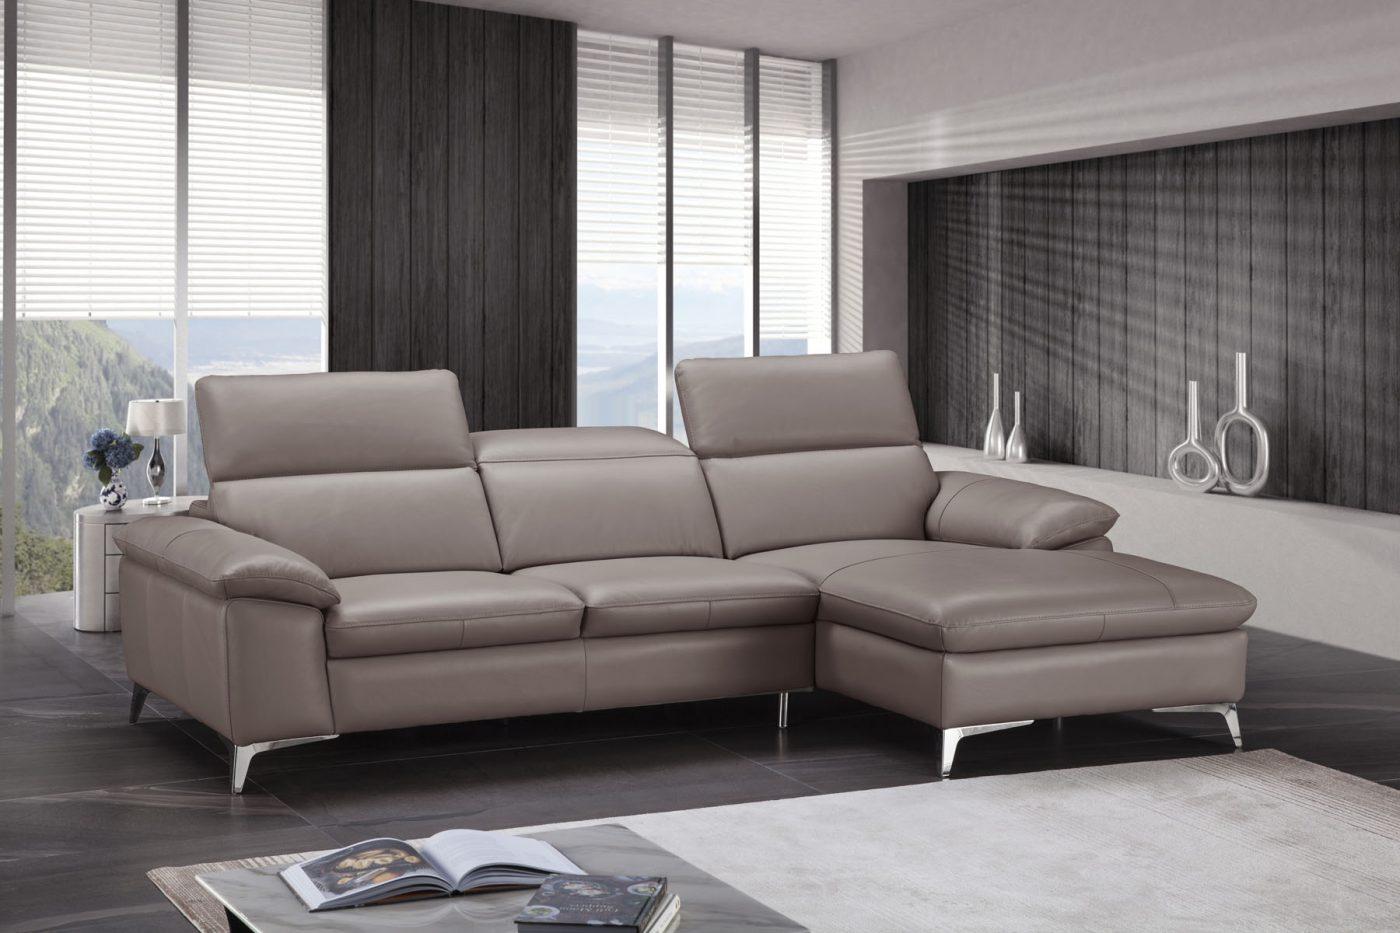 echt leder sofa florenzi. Black Bedroom Furniture Sets. Home Design Ideas